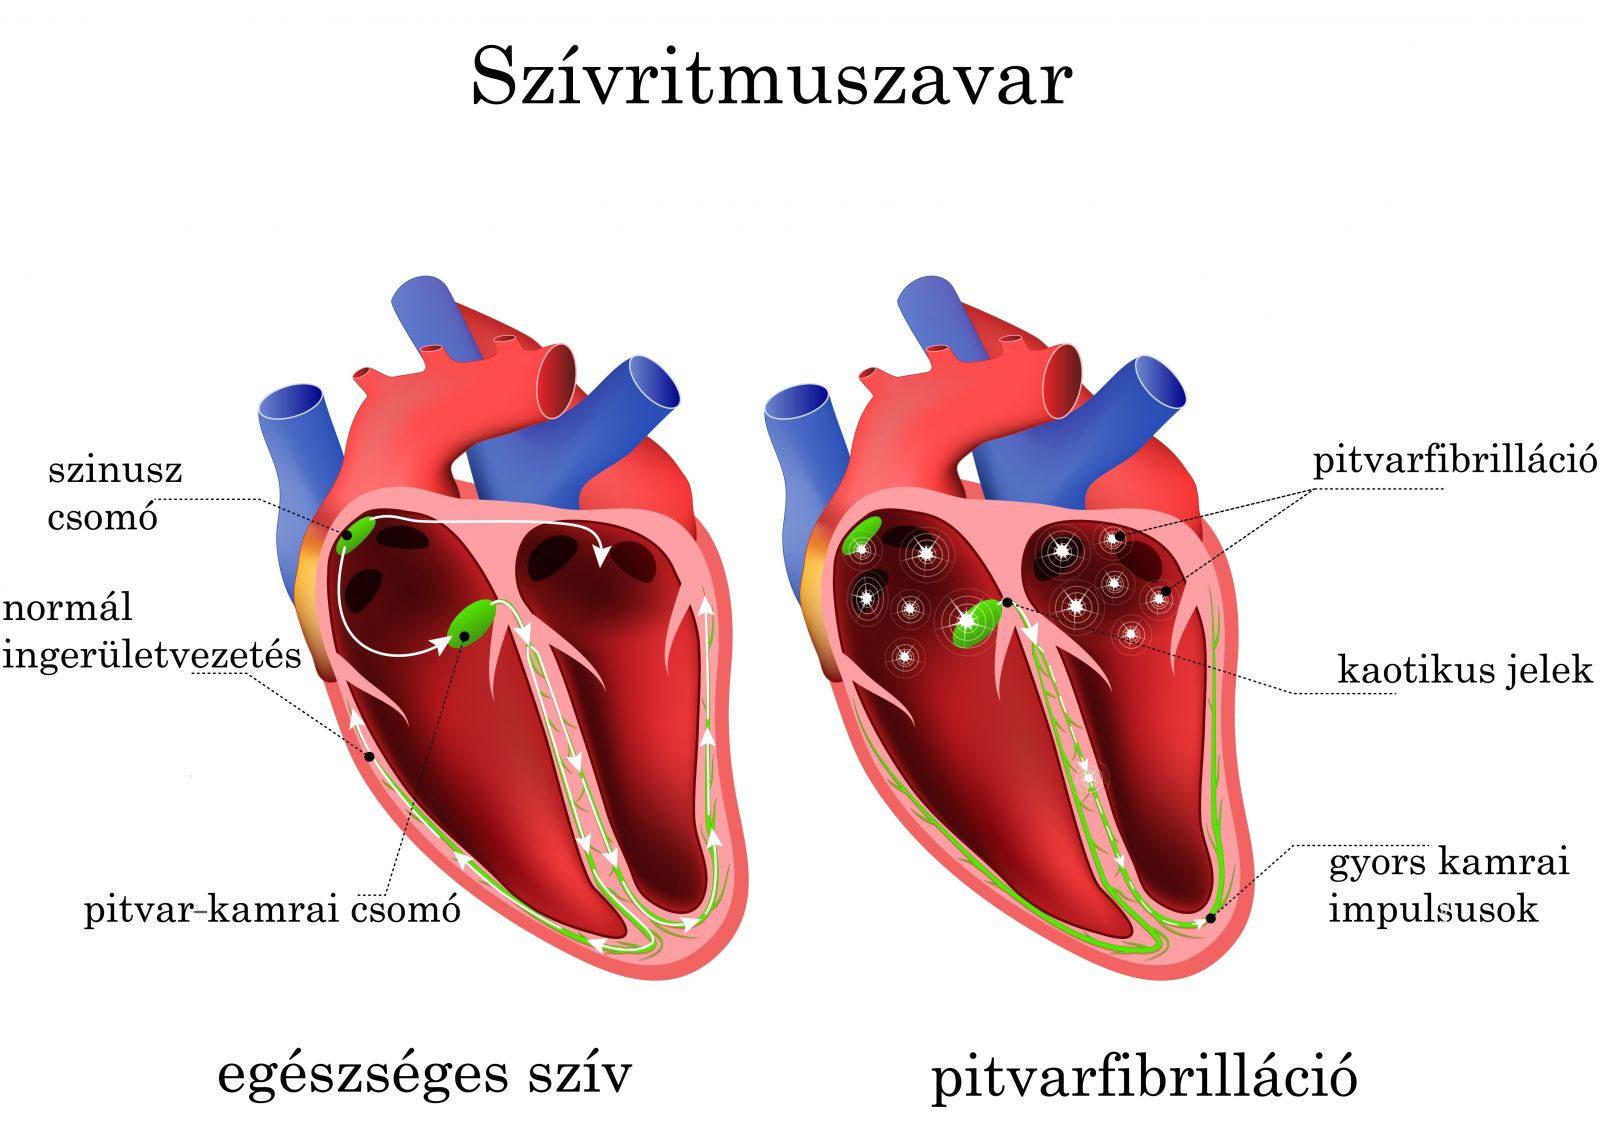 magas vérnyomás esetén bradycardia kezelése)